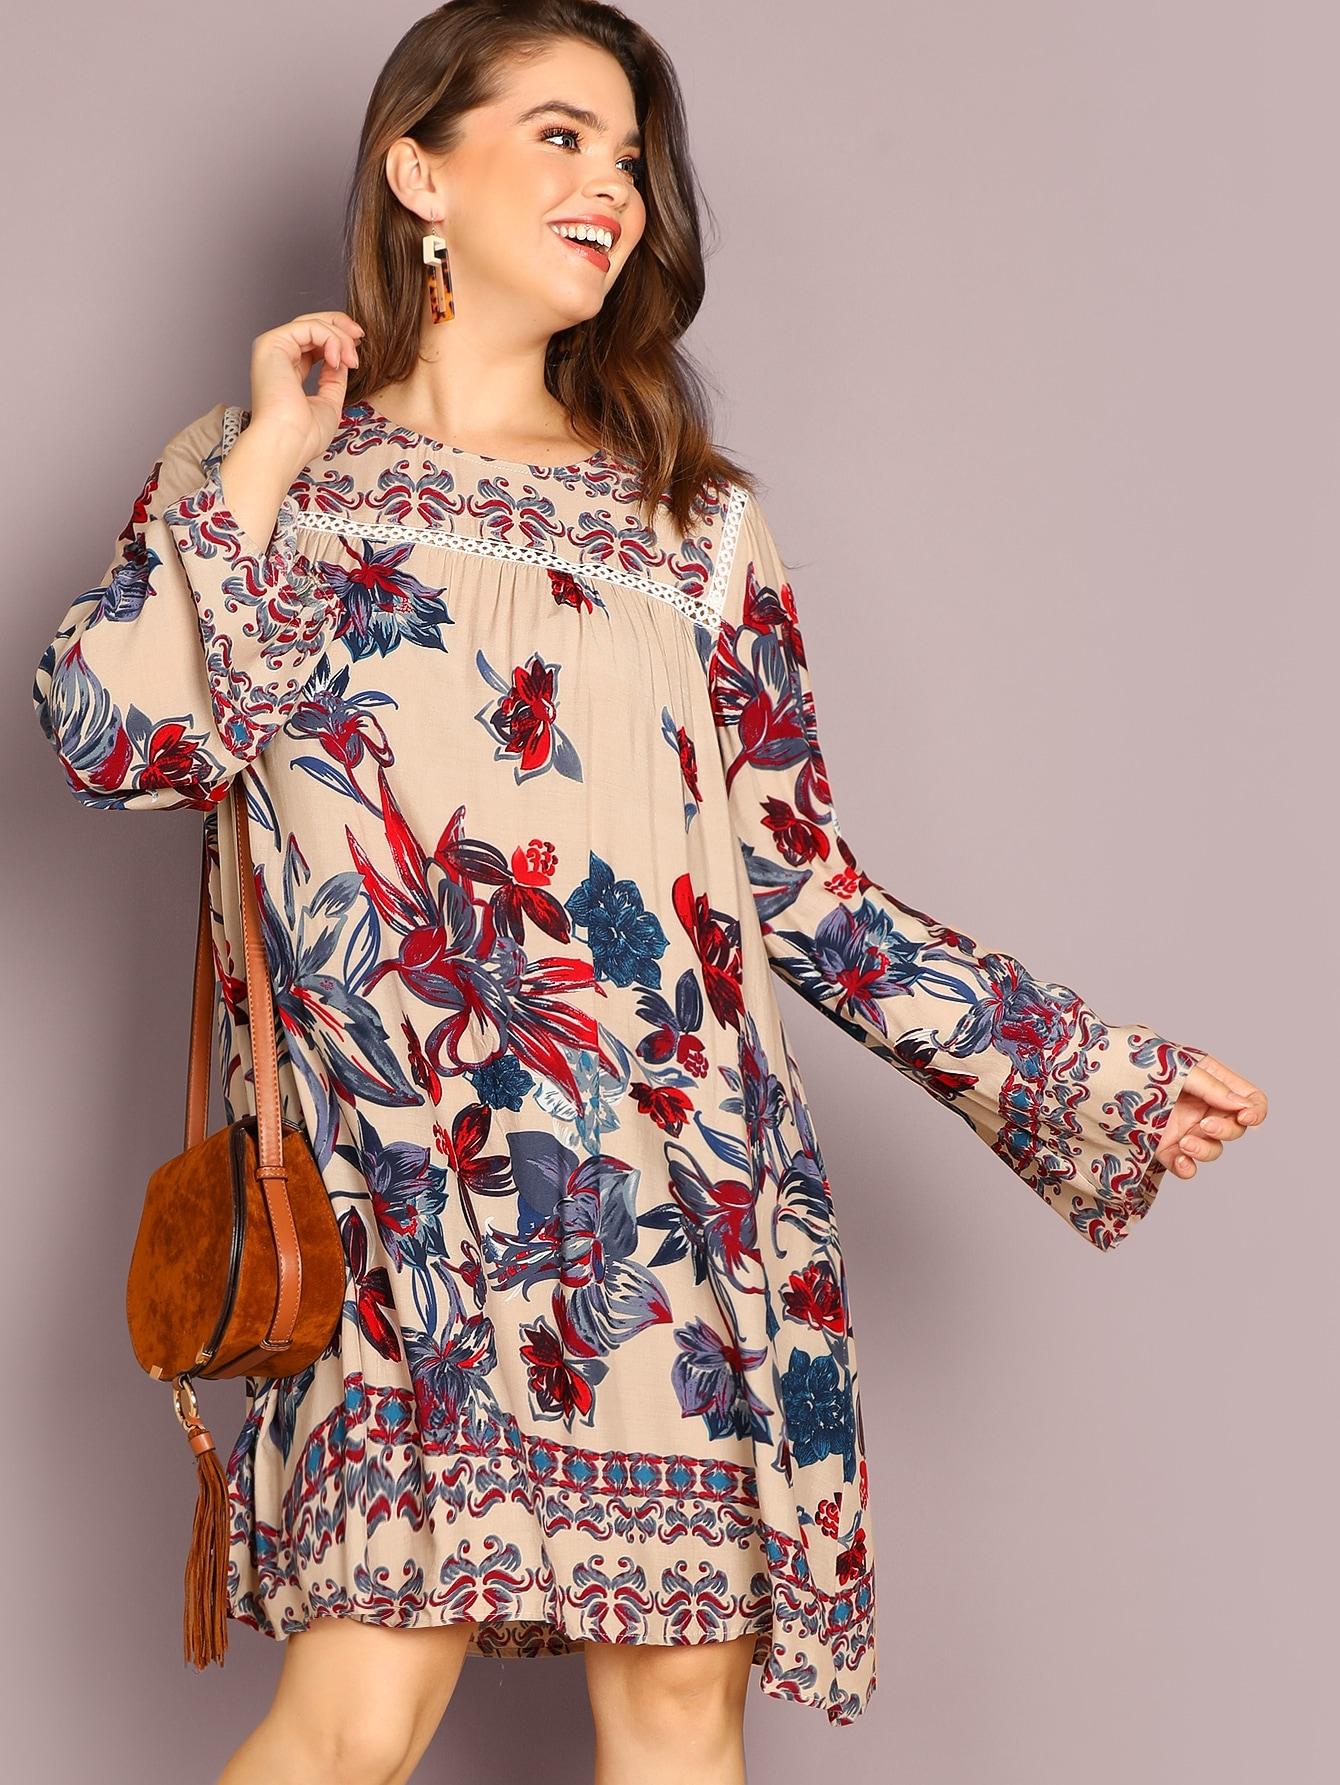 Платье с принтом растения размера плюс, Faith Bowman, SheIn  - купить со скидкой